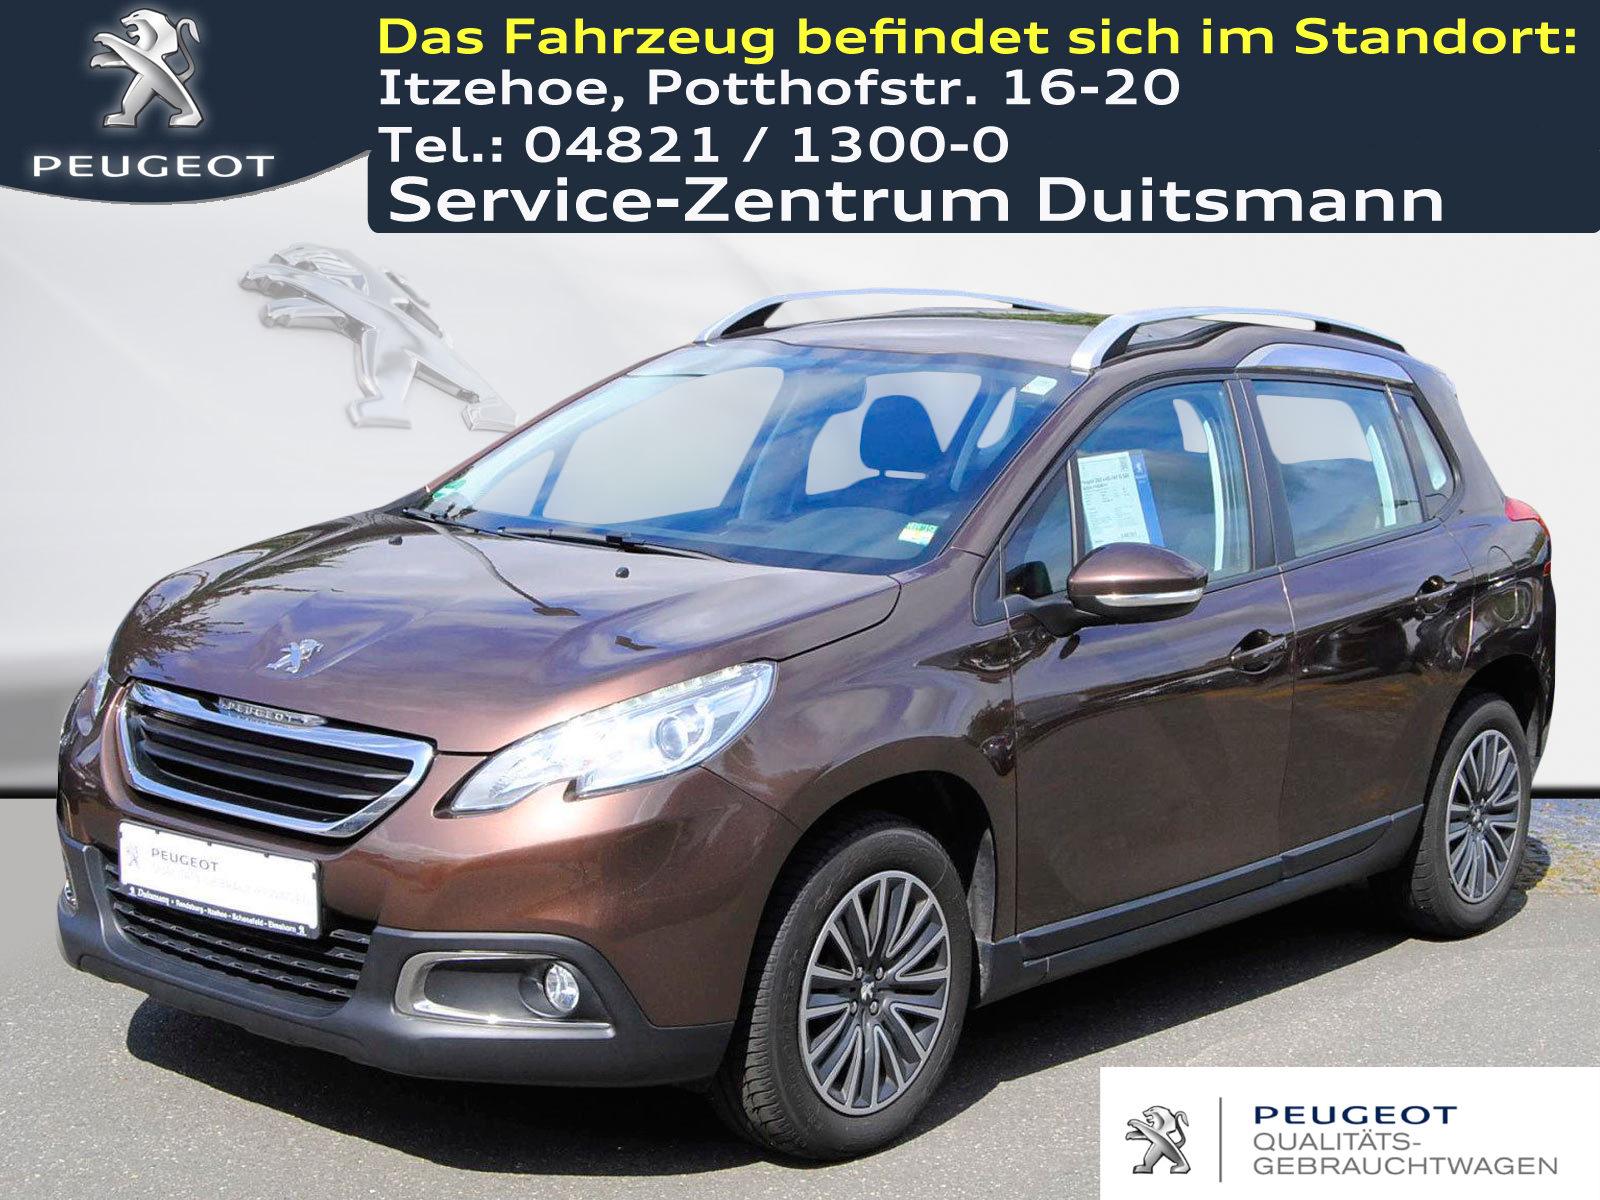 Peugeot 2008 e-HDi FAP 92 S&S Active ++AHK++, Jahr 2013, Diesel